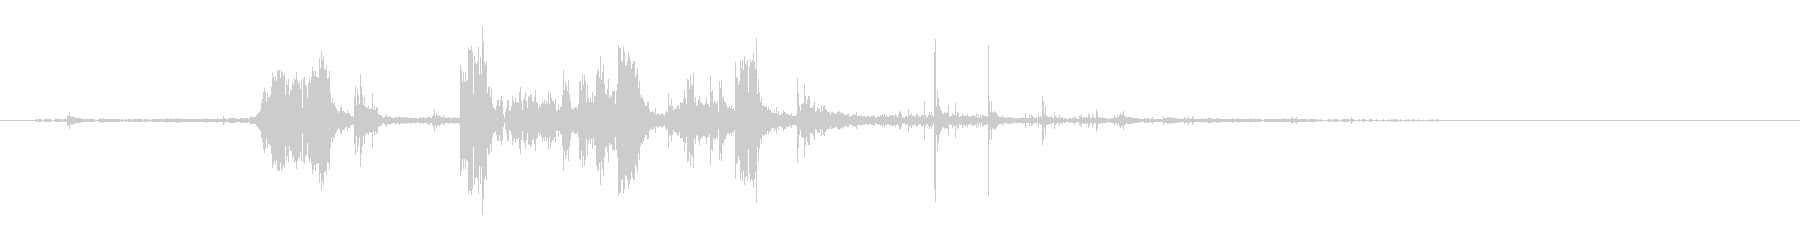 ガラガラメタルヒットの未再生の波形